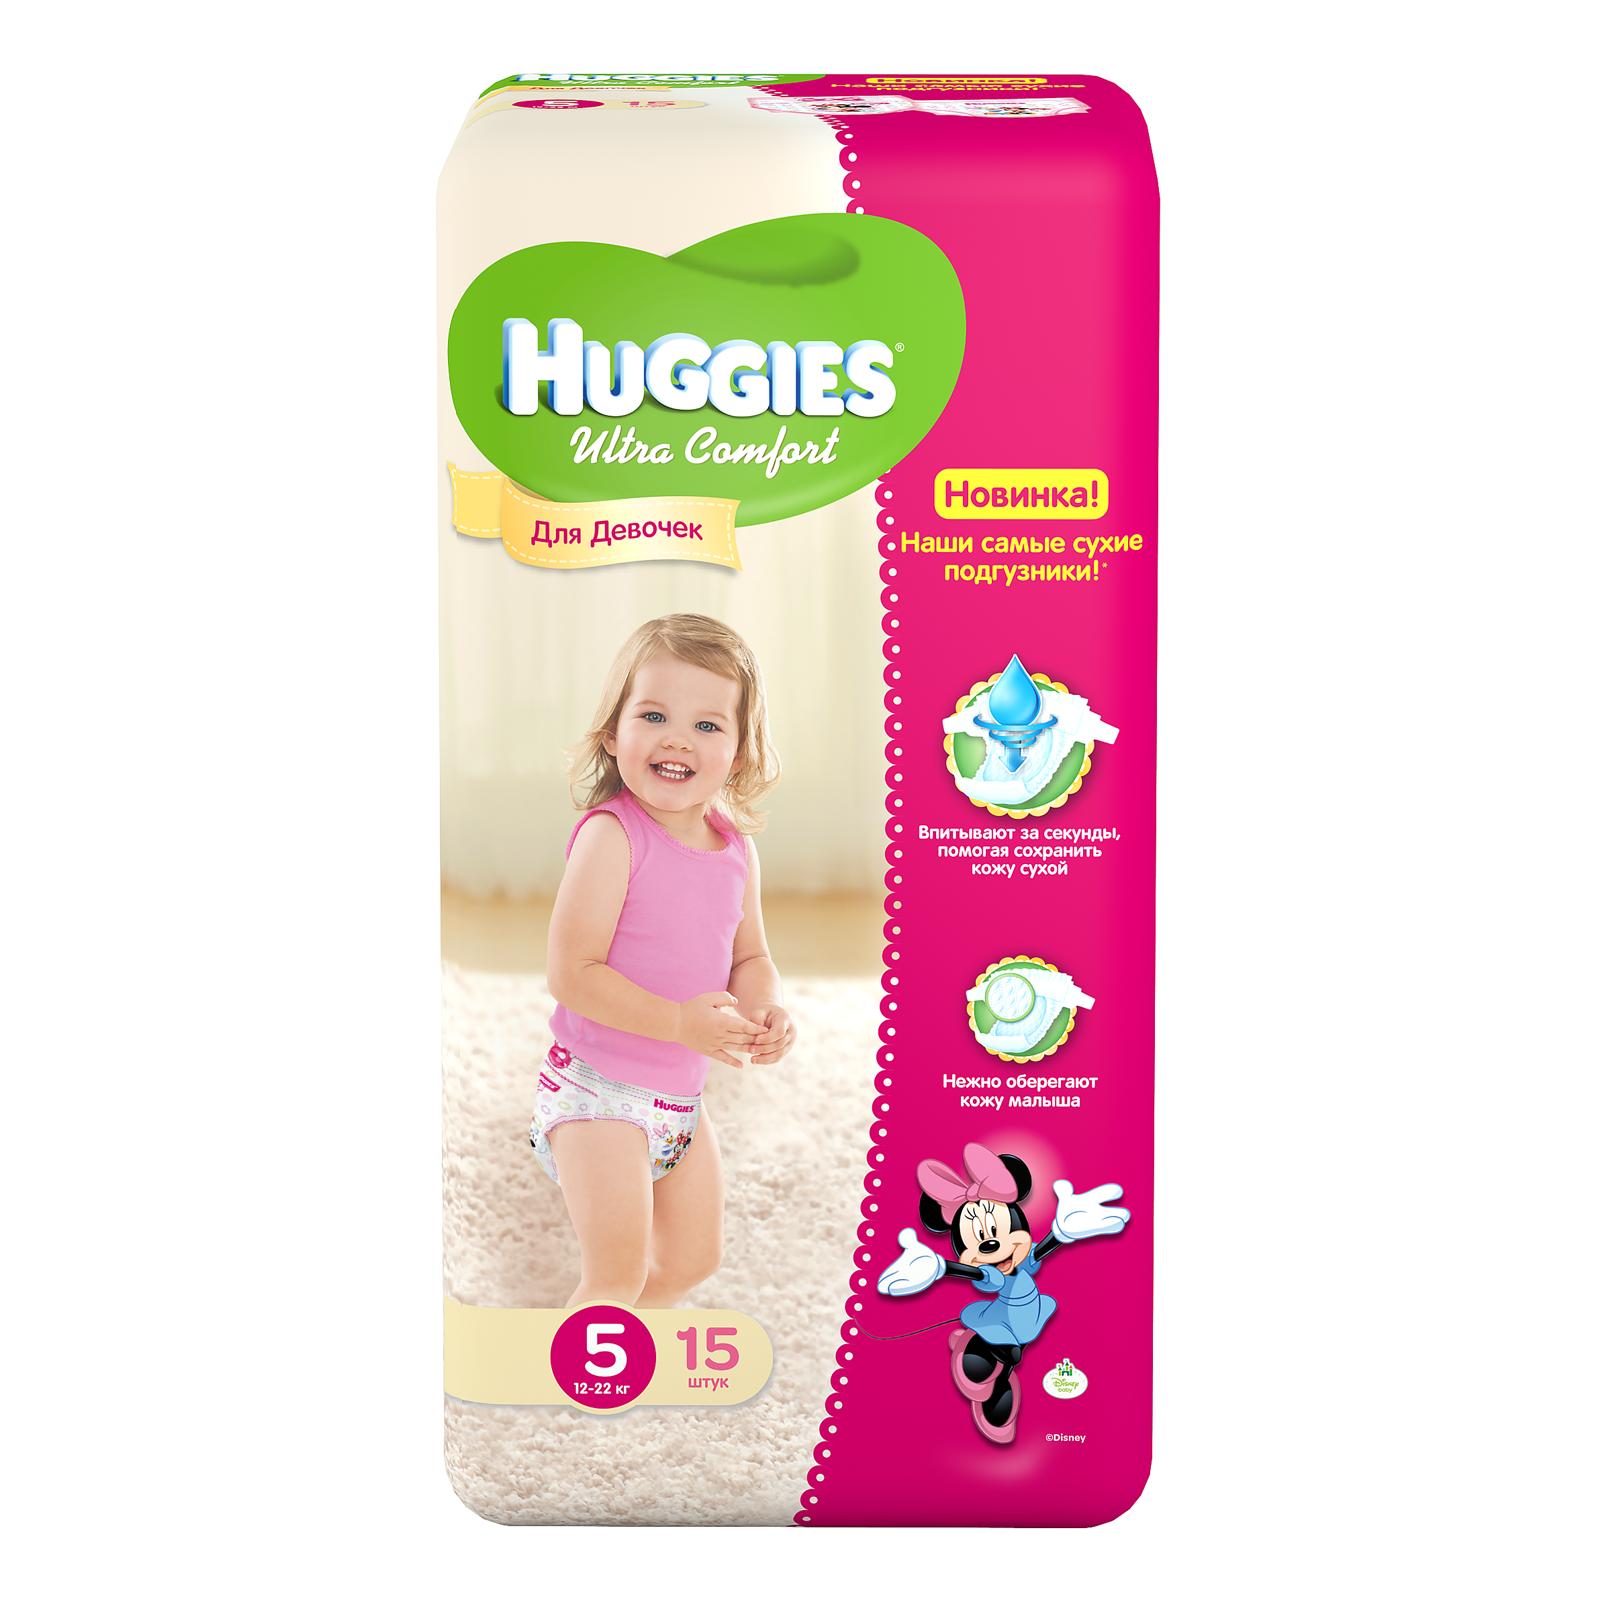 Подгузники Huggies Ultra Comfort Conv Pack для девочек 12-22 кг (15 шт) Размер 5